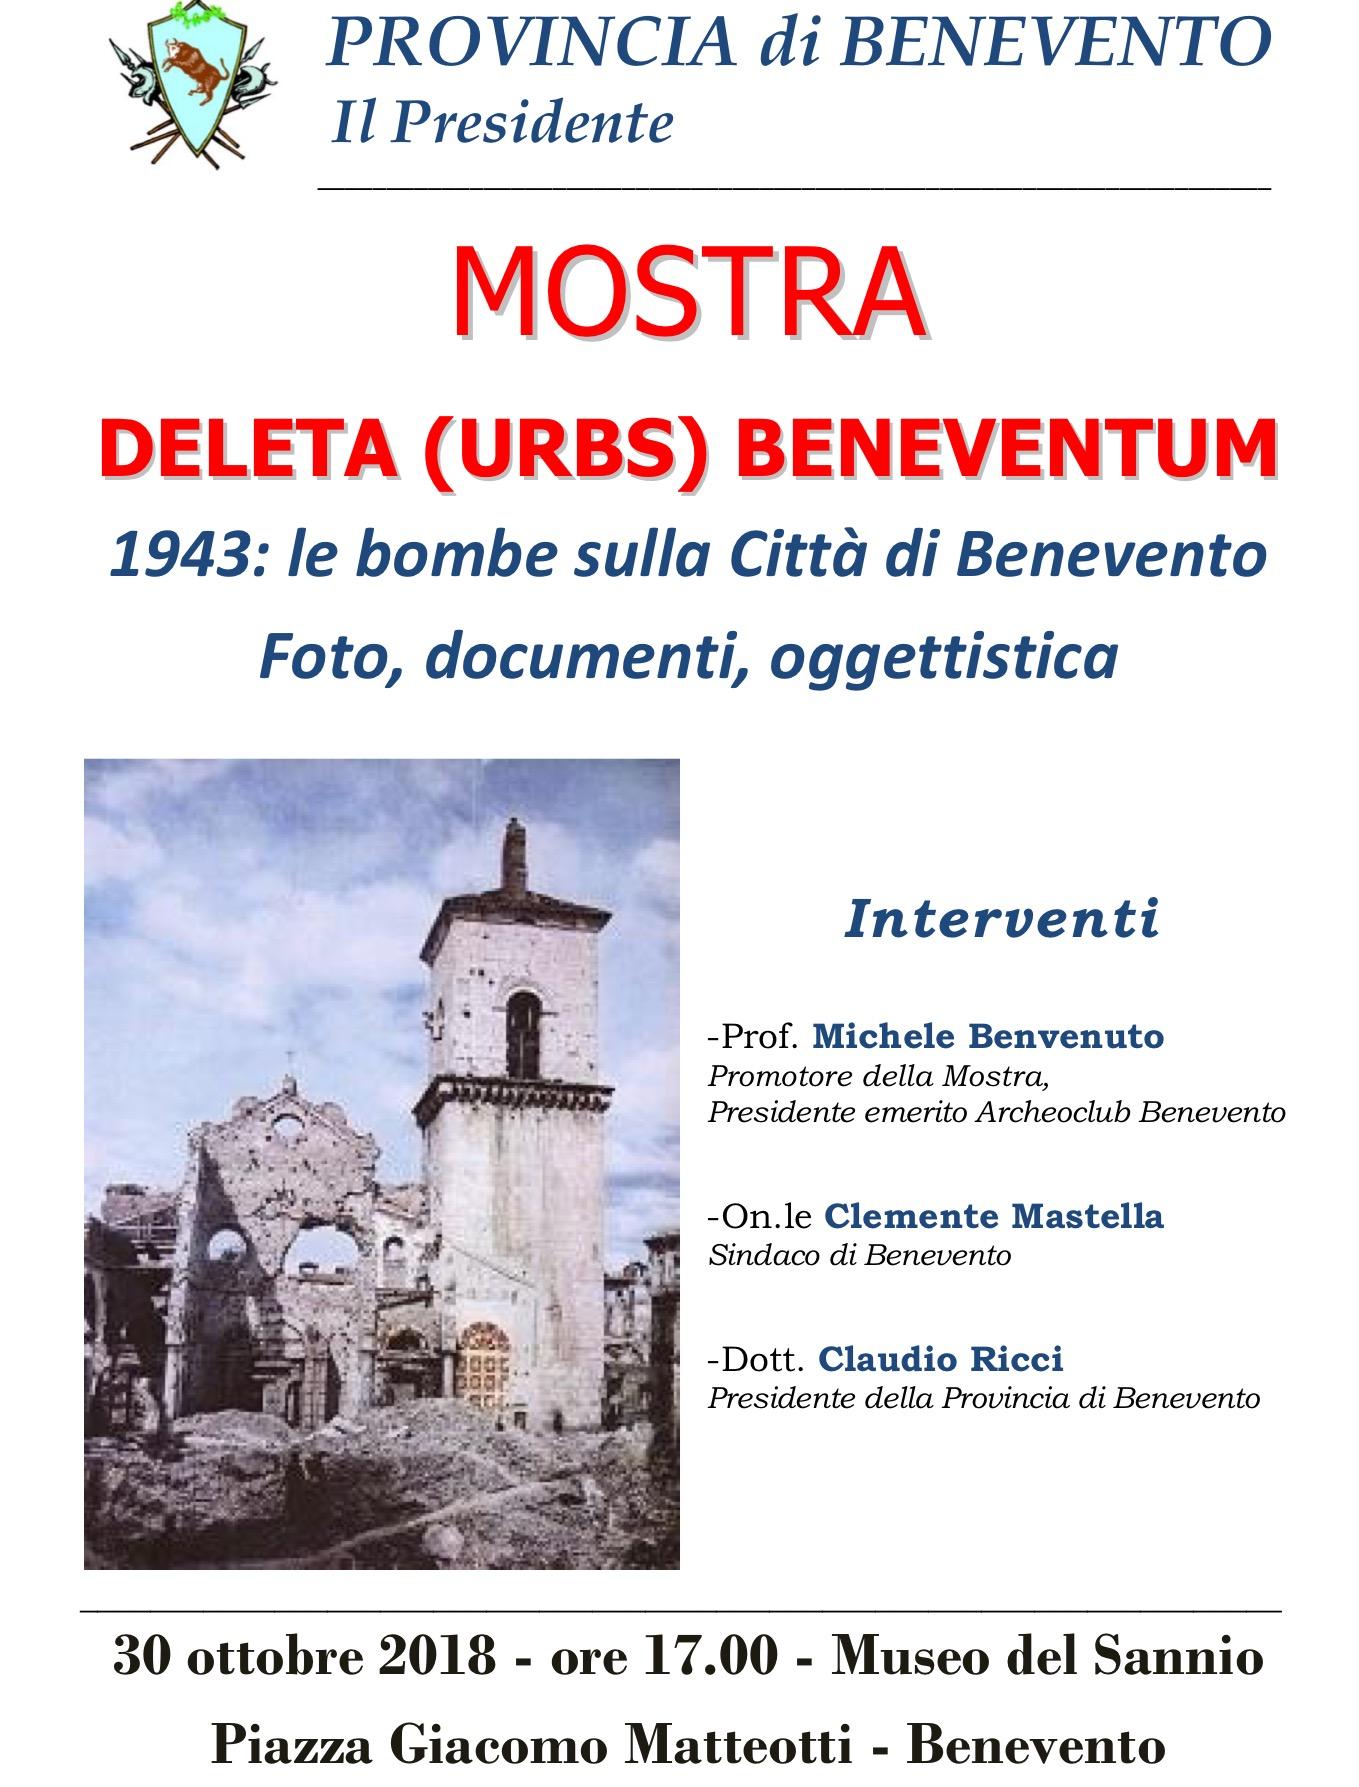 Dal 30 ottobre al Museo del Sannio mostra 'Deleta Urbs Beneventum', foto e documenti sul bombardamento del '43